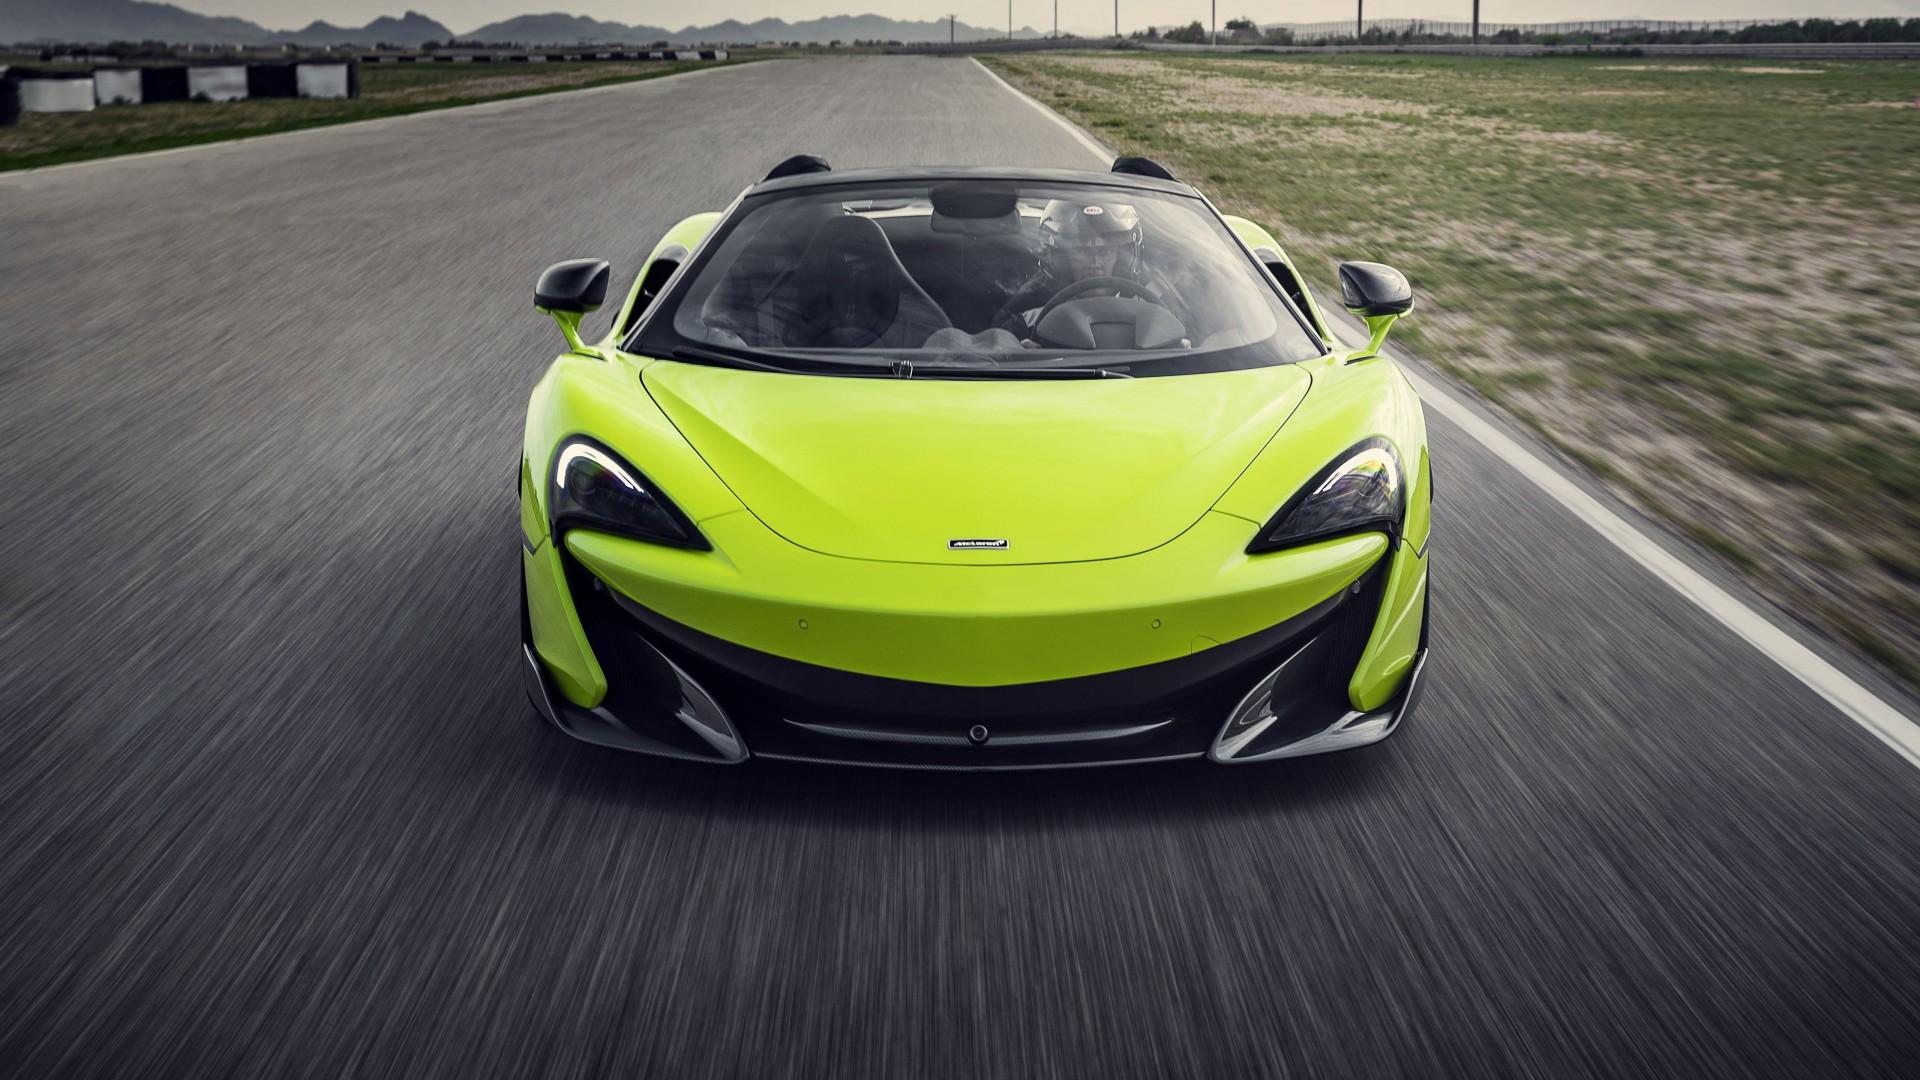 McLaren 600LT Spider Lime Green 2019 5K 2 Wallpaper | HD ...